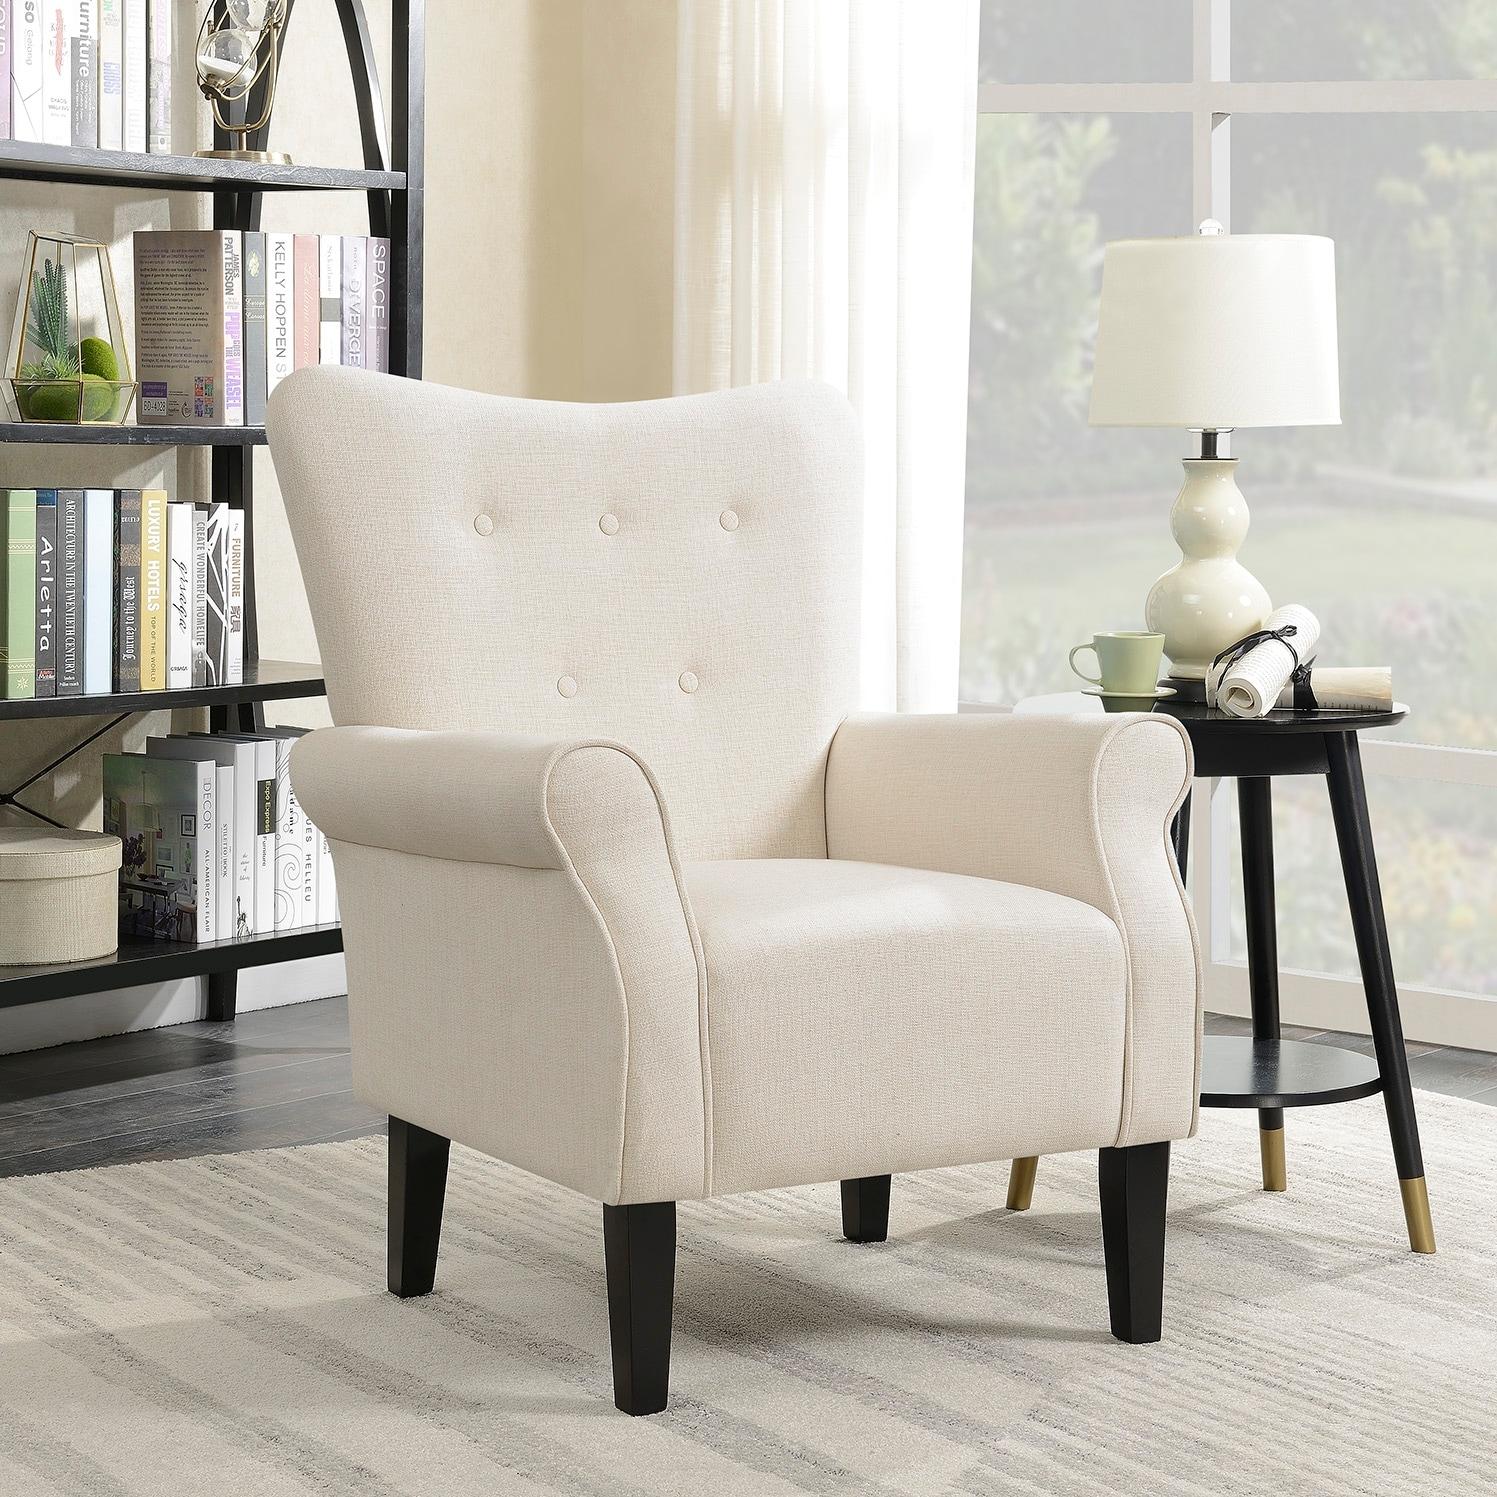 Belleze modern wingback accent chair armrest linen with high backrest beige